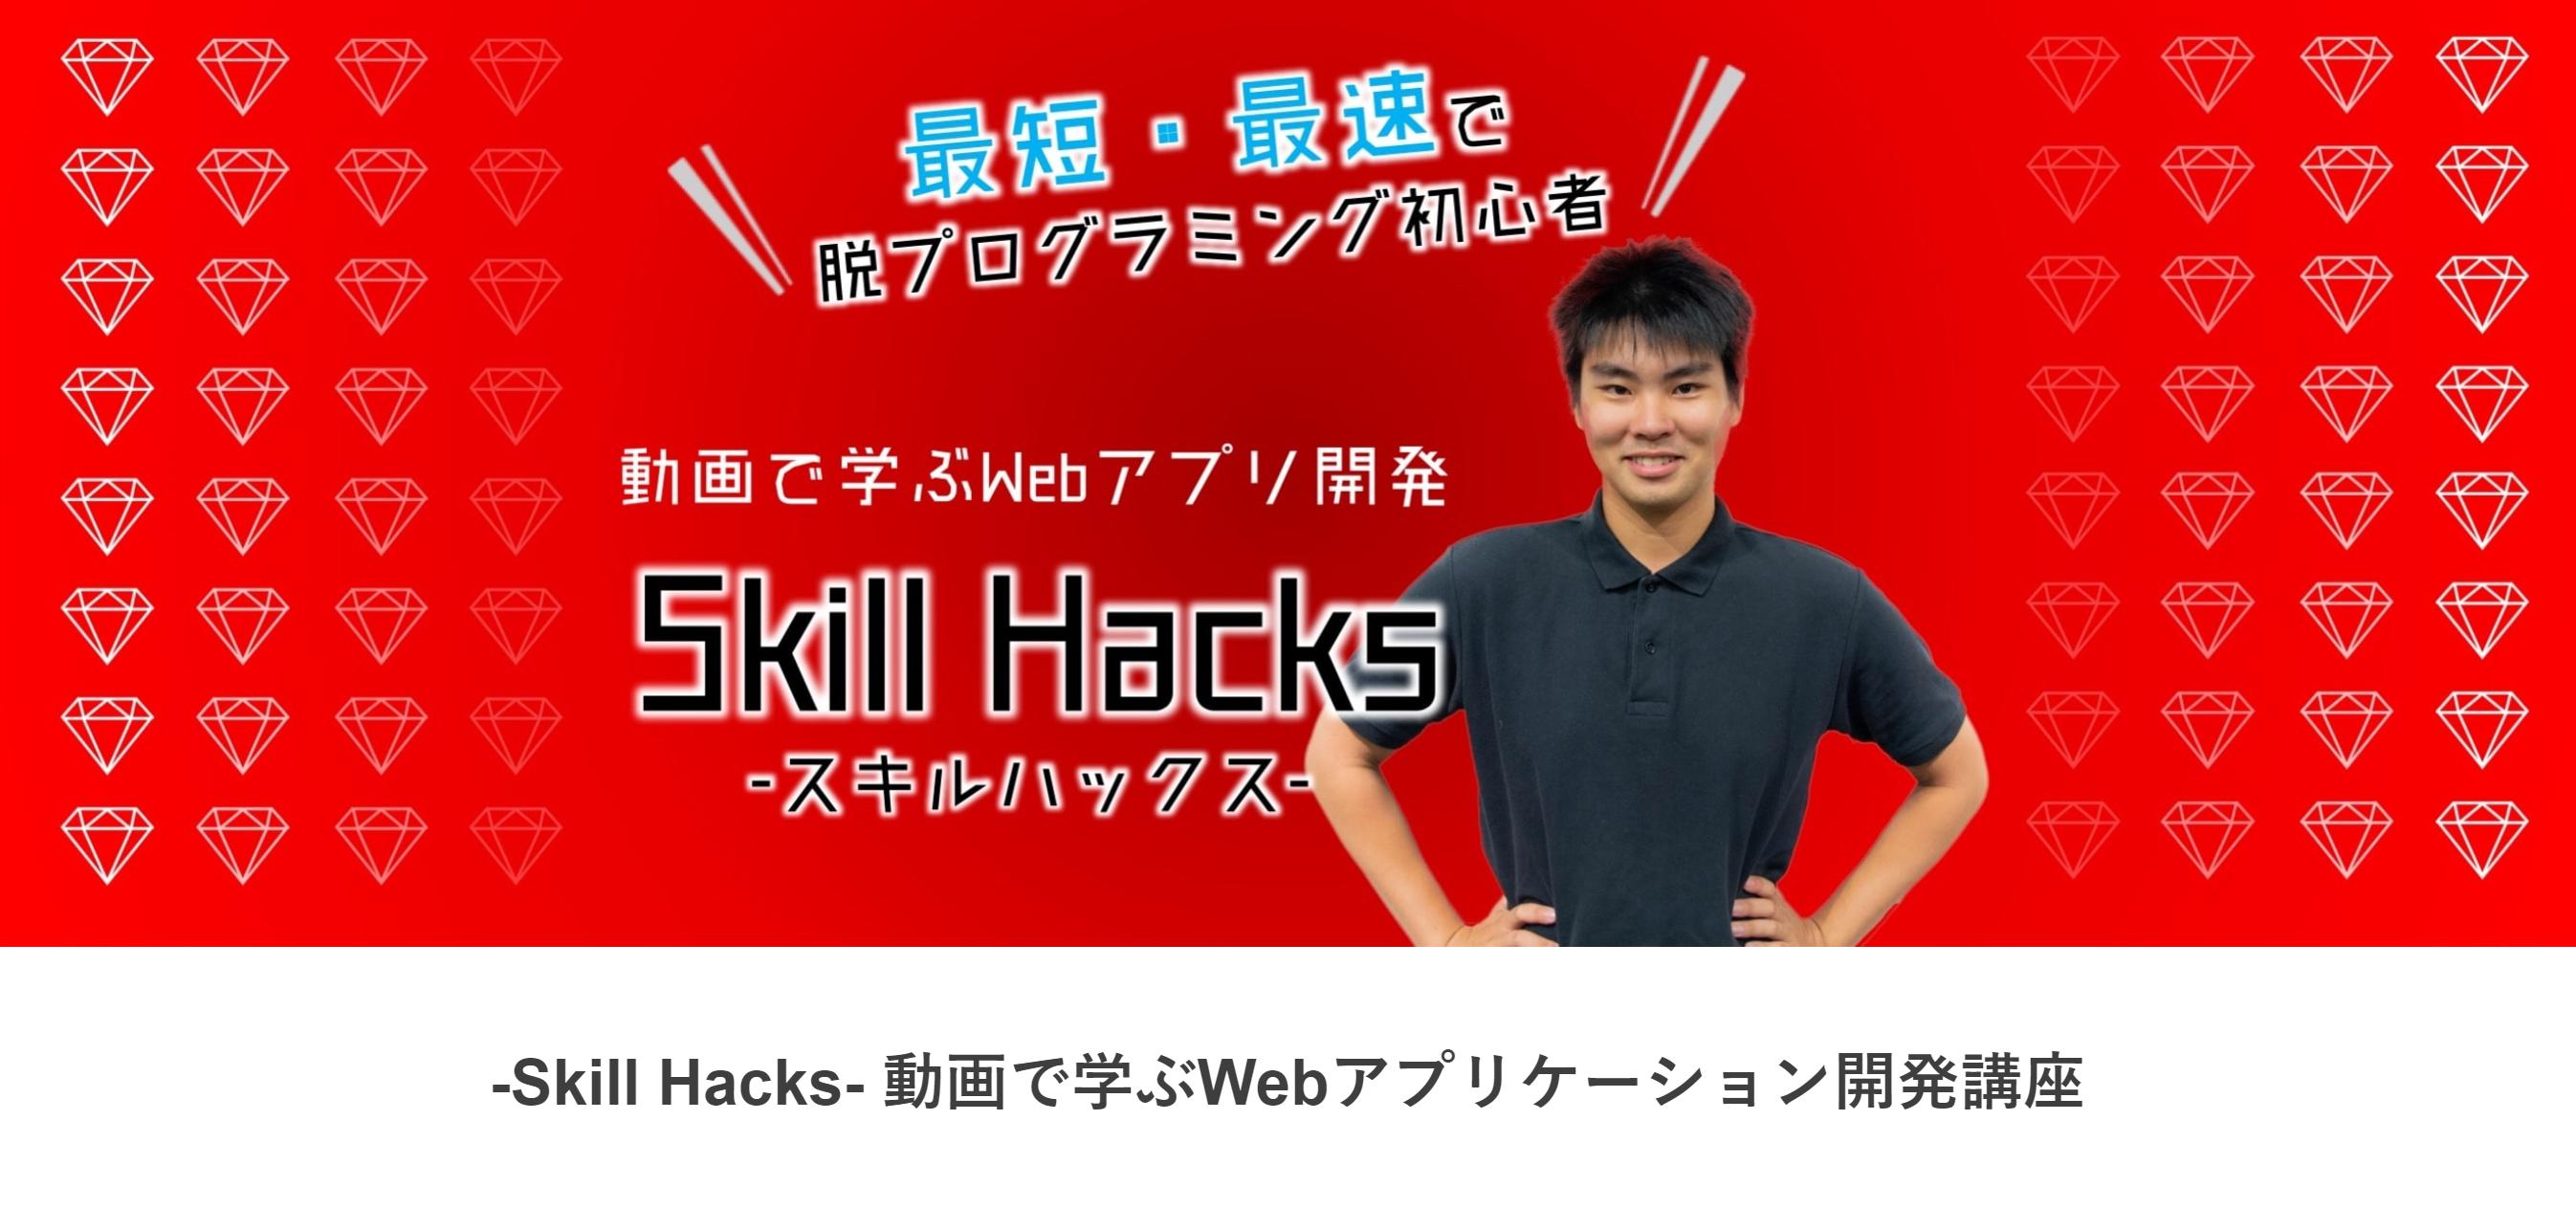 大学受験の学部学科選びが楽になる!迫さんのSkill Hacksプログラミングスクール